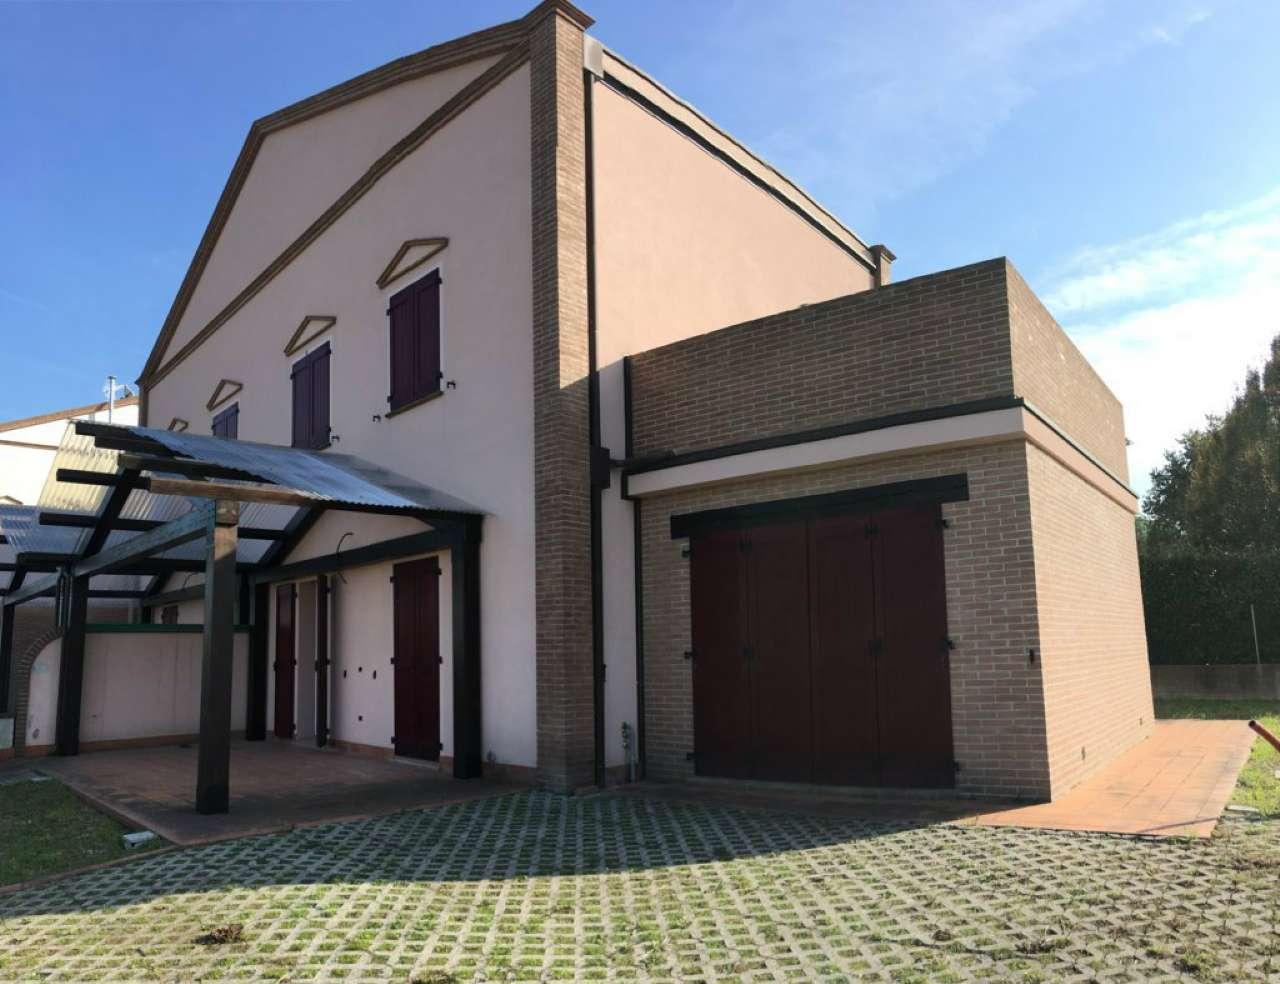 Palazzo / Stabile in vendita a Bertinoro, 6 locali, prezzo € 220.000 | CambioCasa.it